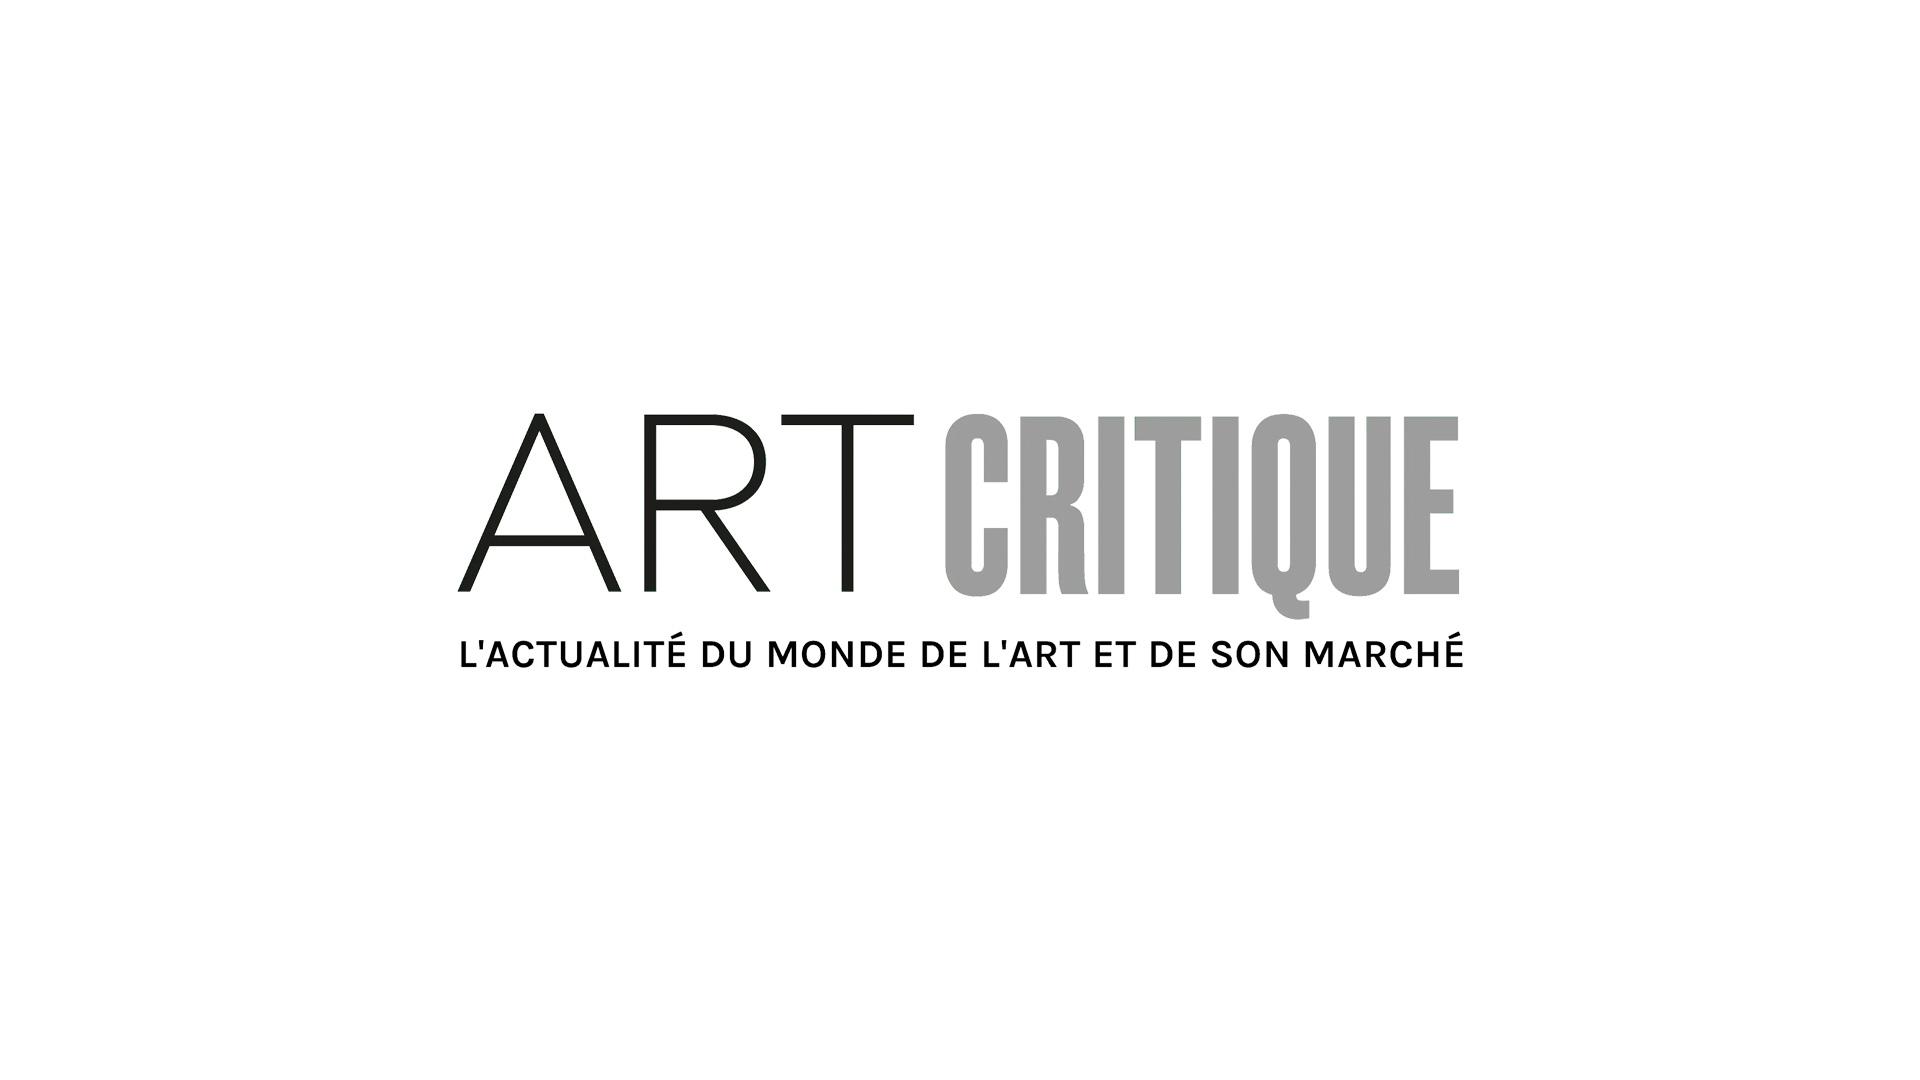 Monet's 'Water Lilies' hidden in plain sight